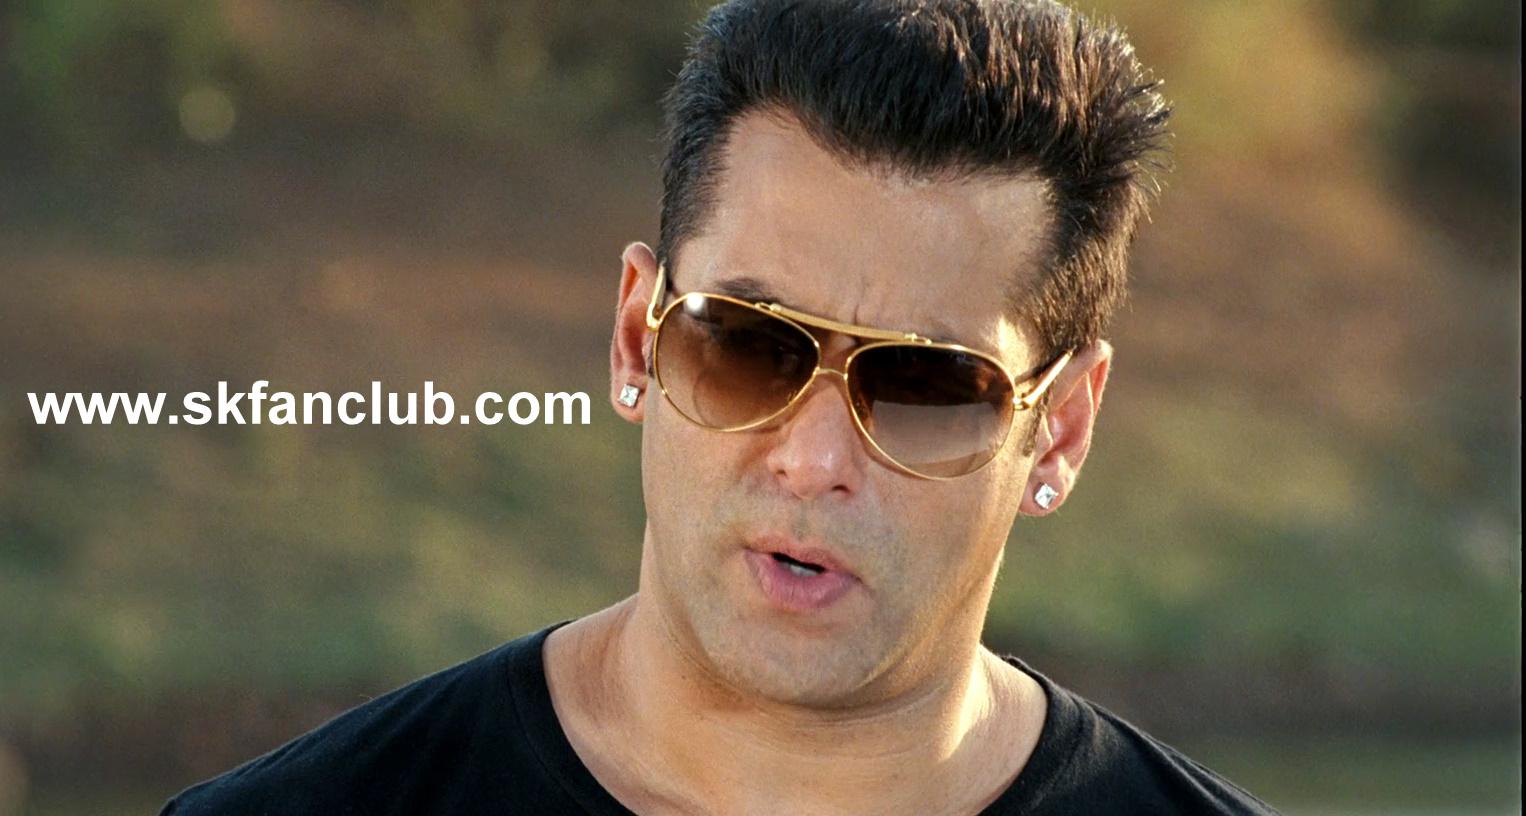 http://2.bp.blogspot.com/-35rMJAvxEms/T1X90JGiGbI/AAAAAAAAFmo/21GDtPSQ2iM/s1600/Ready+Salman+Khan.jpg